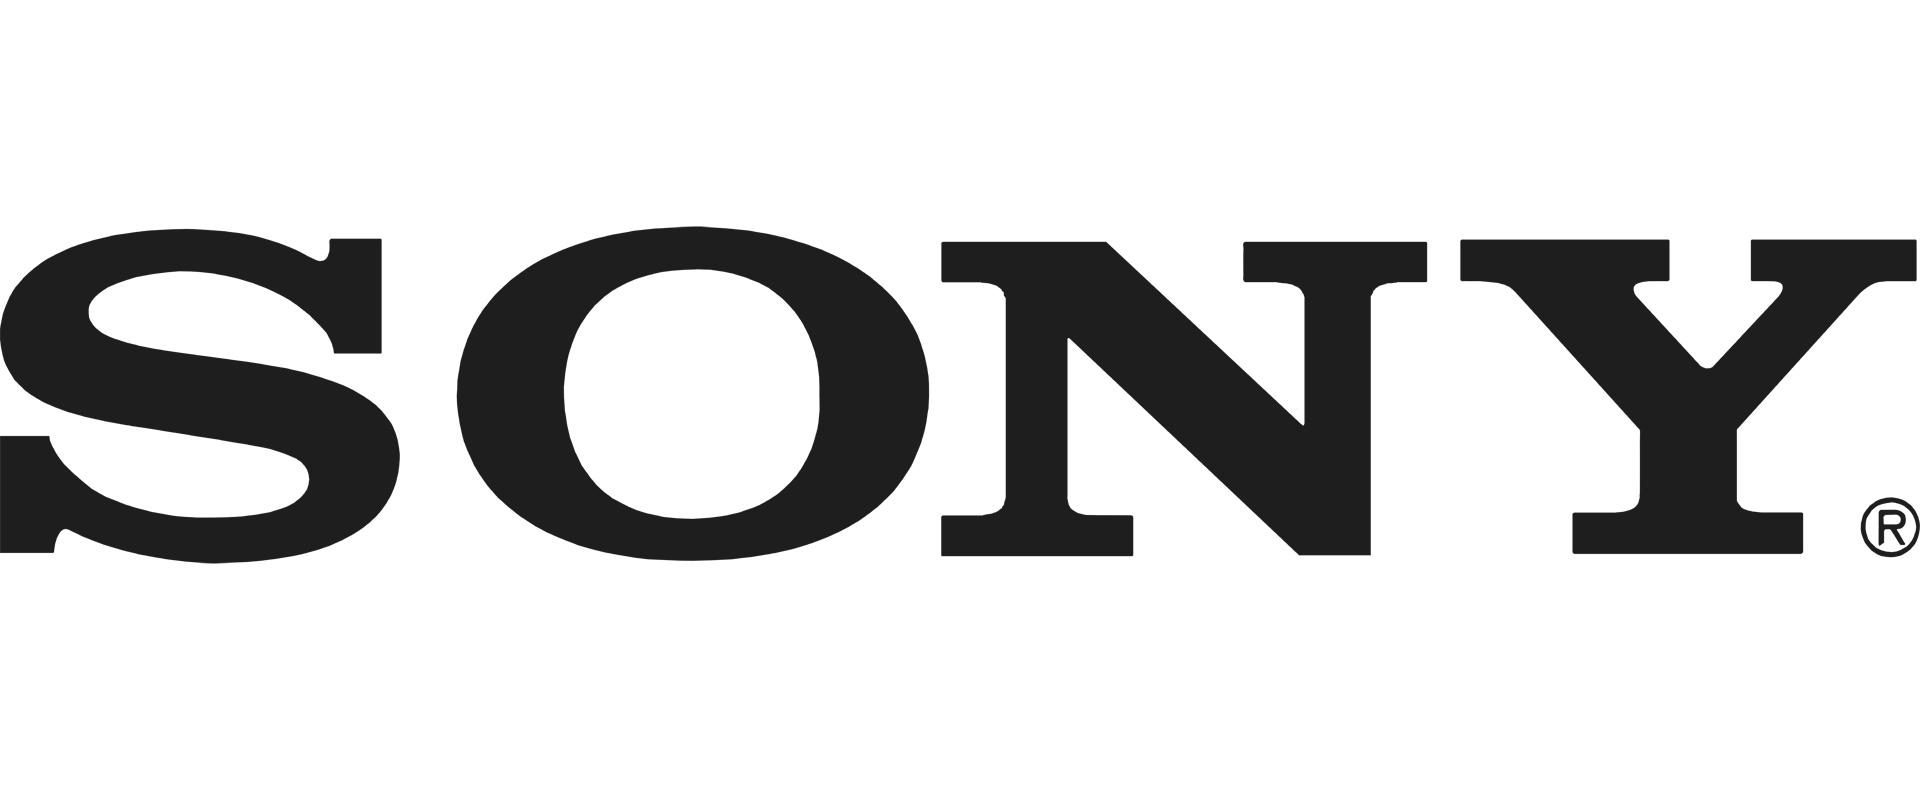 索尼(中国)有限公司(索尼SONY中国)简介——索尼SONY产品品牌商标LOGO标志